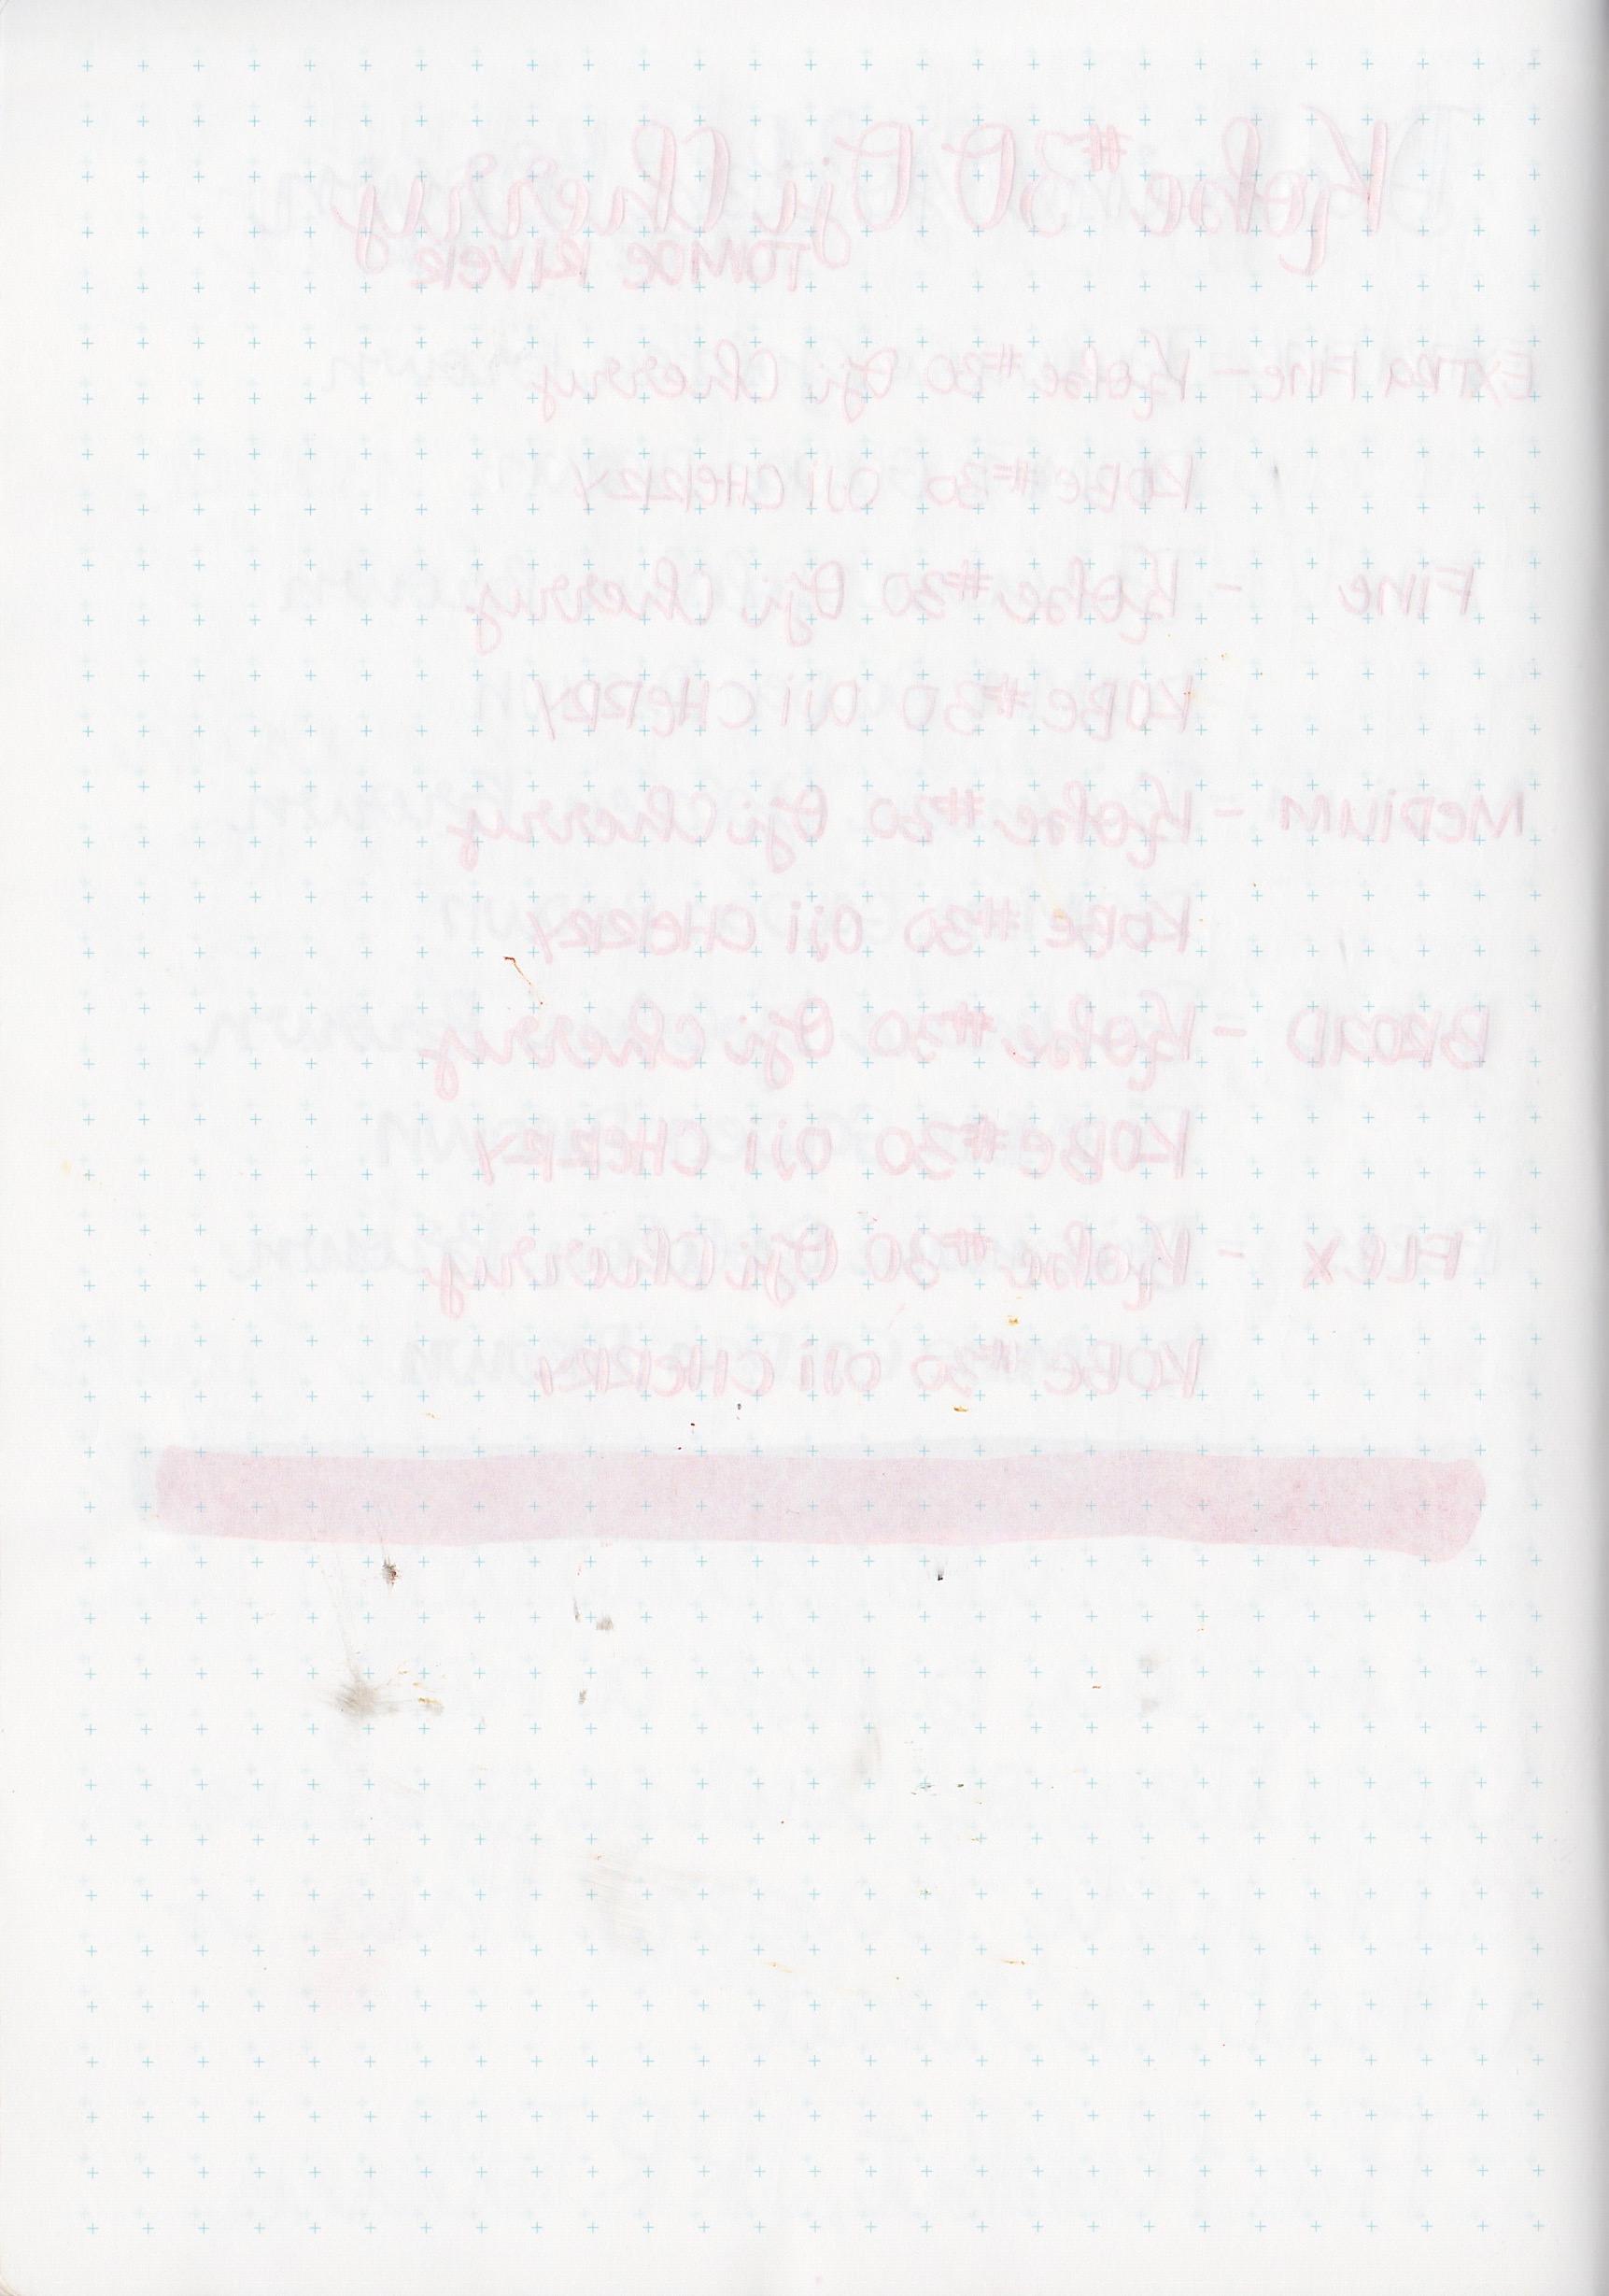 NK30OjiCherry - 9.jpg